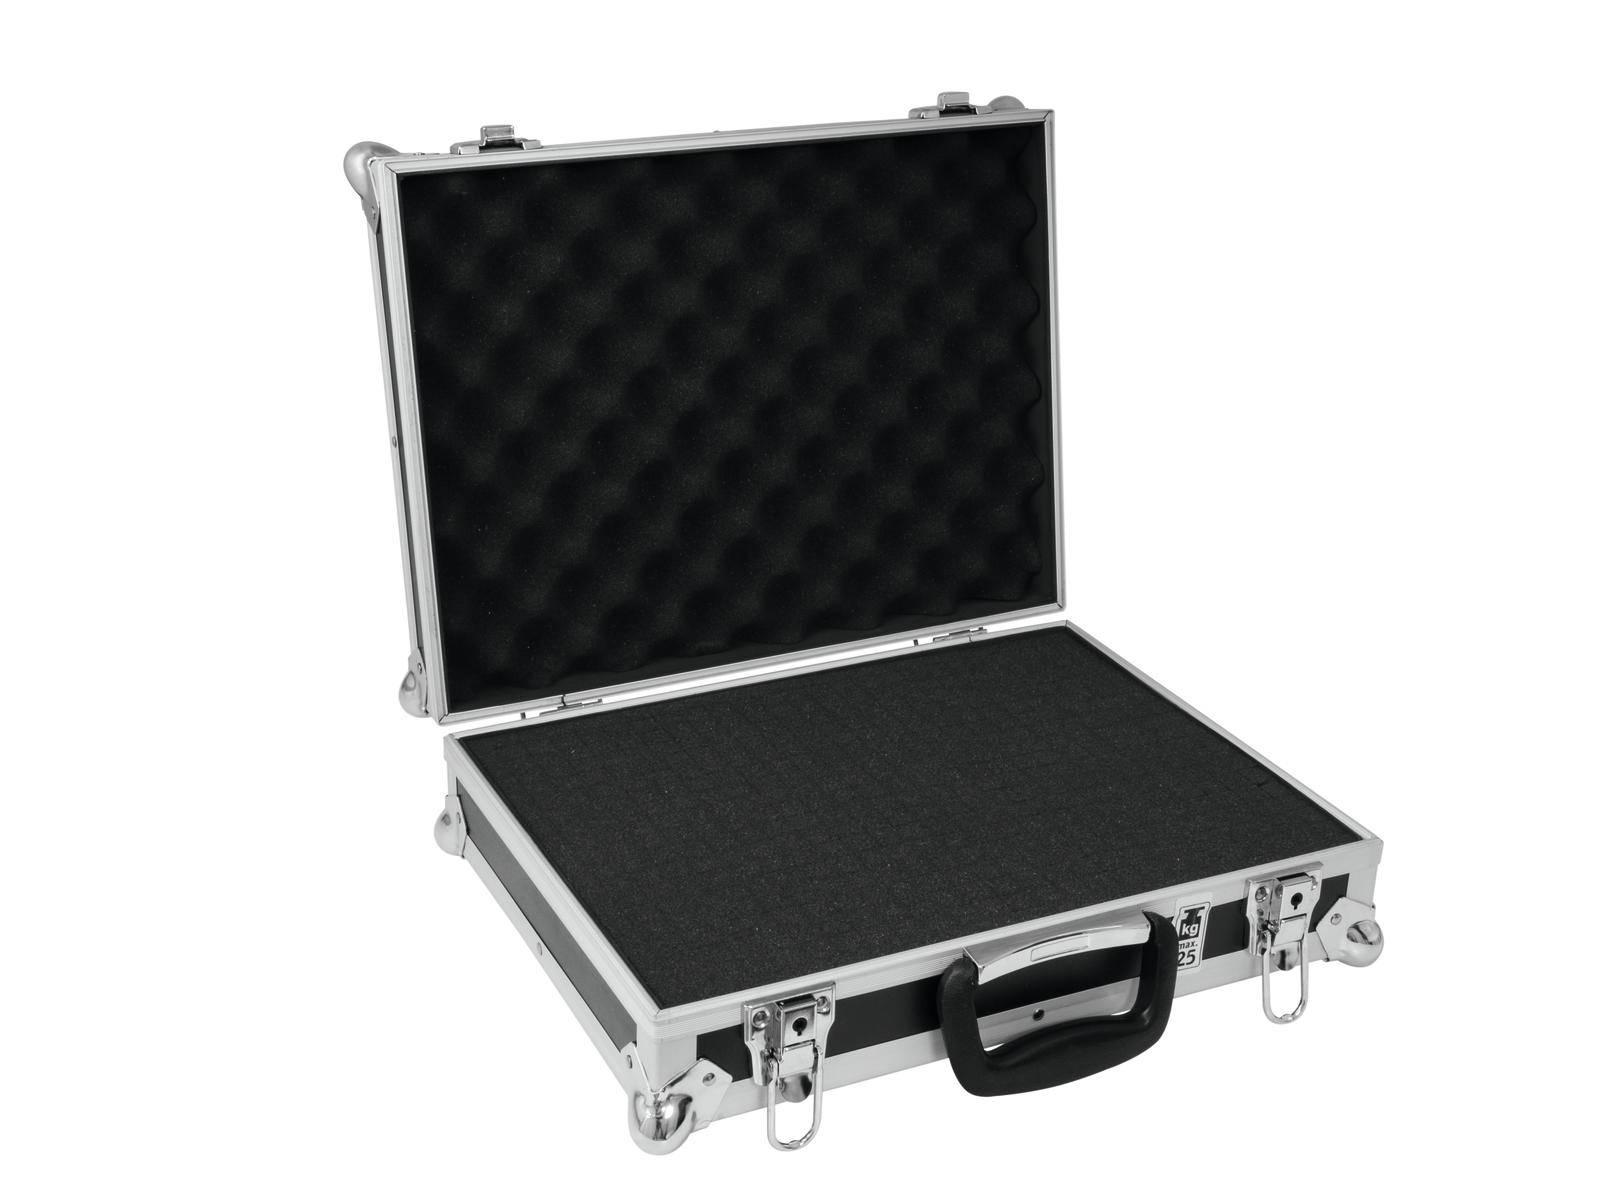 Case (kufr) Roadinger 25 30126218, (d x š x v) 315 x 415 x 135 mm, černá/stříbrná